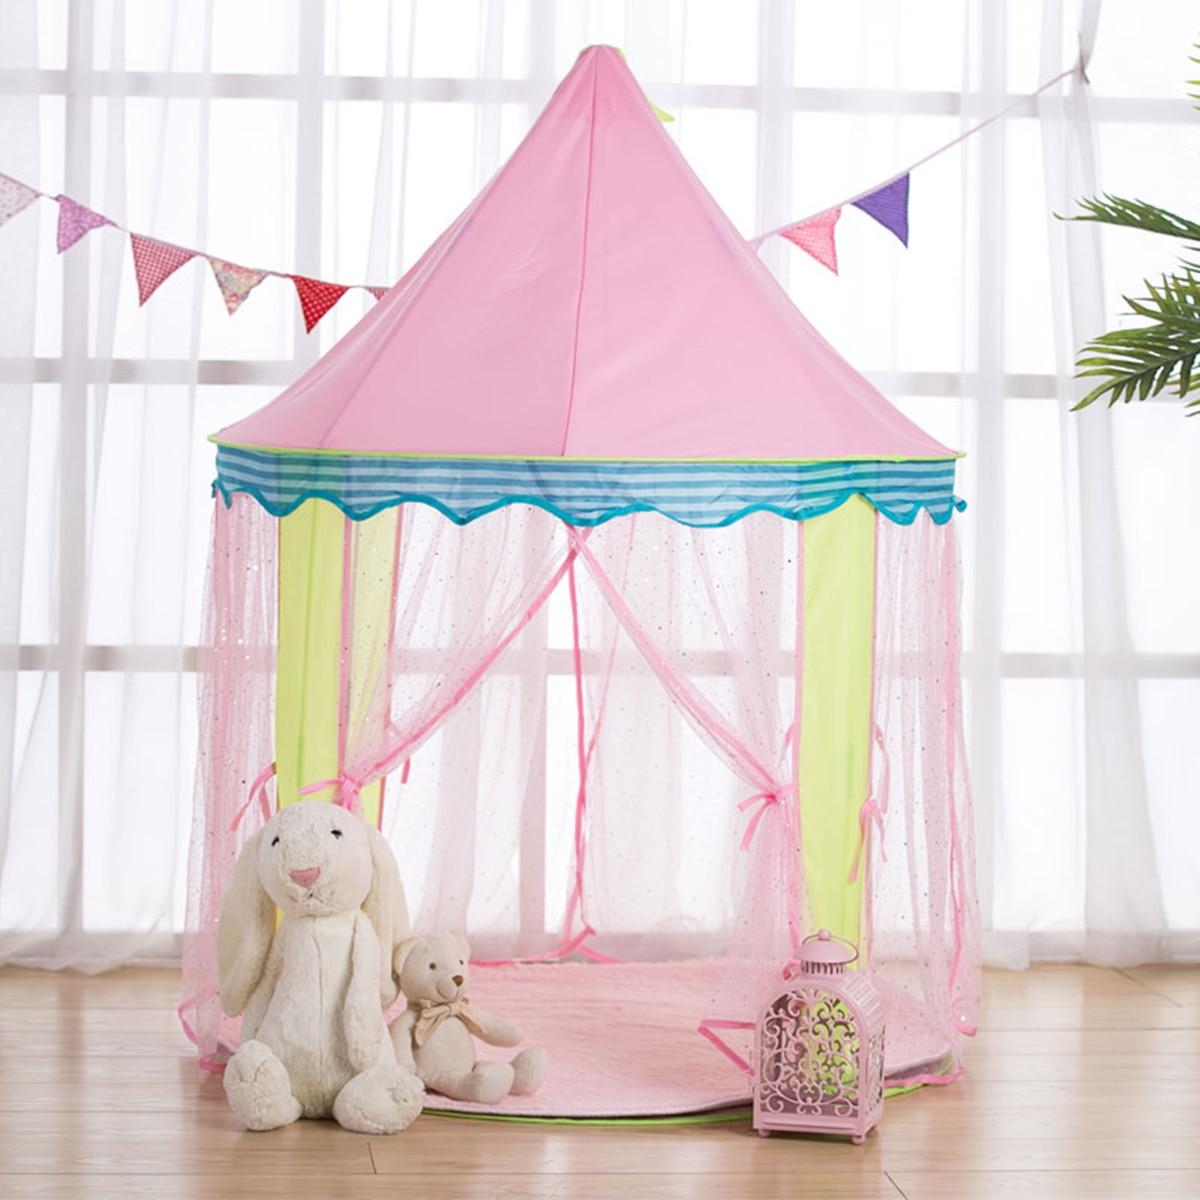 Portable pliable princesse pliant bébé jouet tentes enfants château activité jouer maison enfants cadeau en plein air Fun plage tente pour les enfants